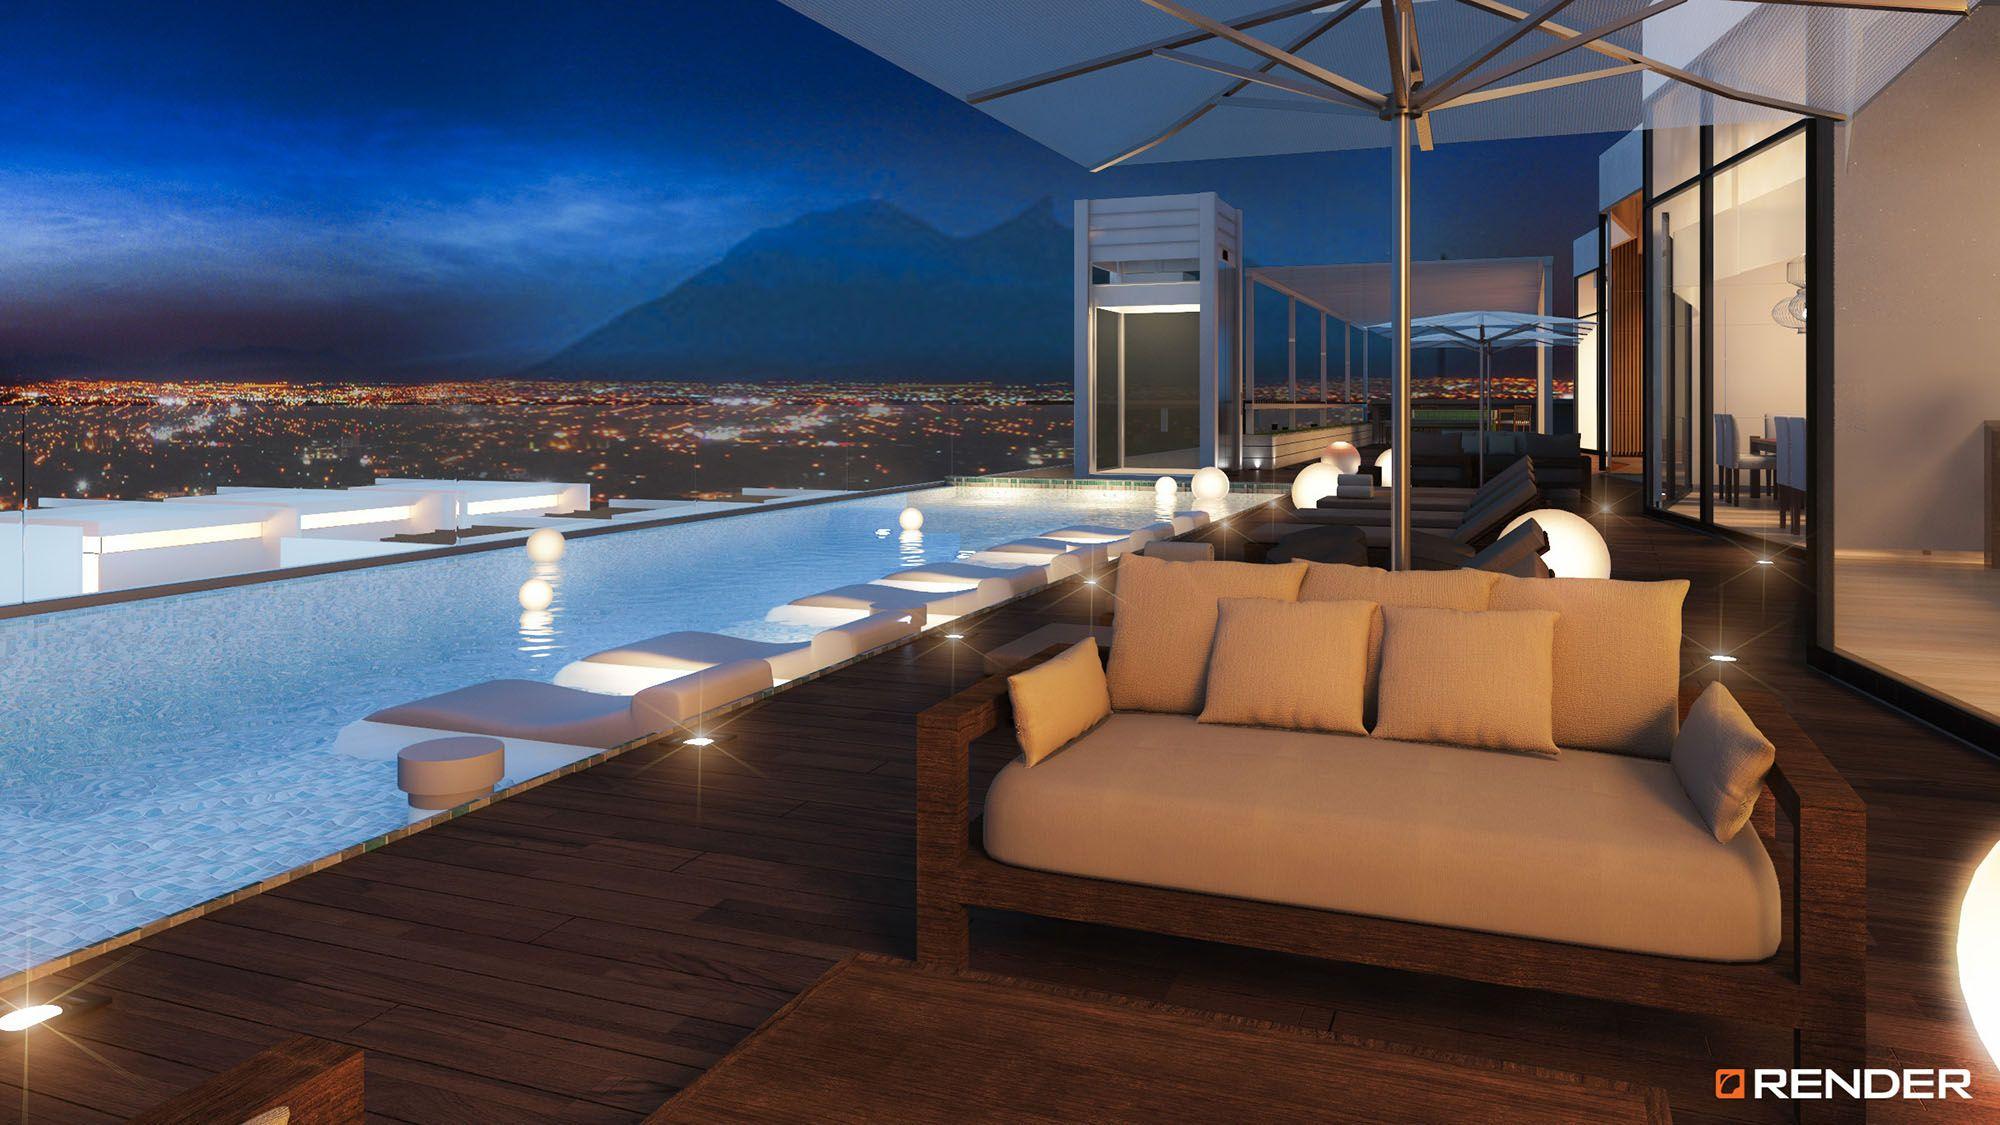 Nacion building residential monterrey m xico render for Decoracion de interiores monterrey